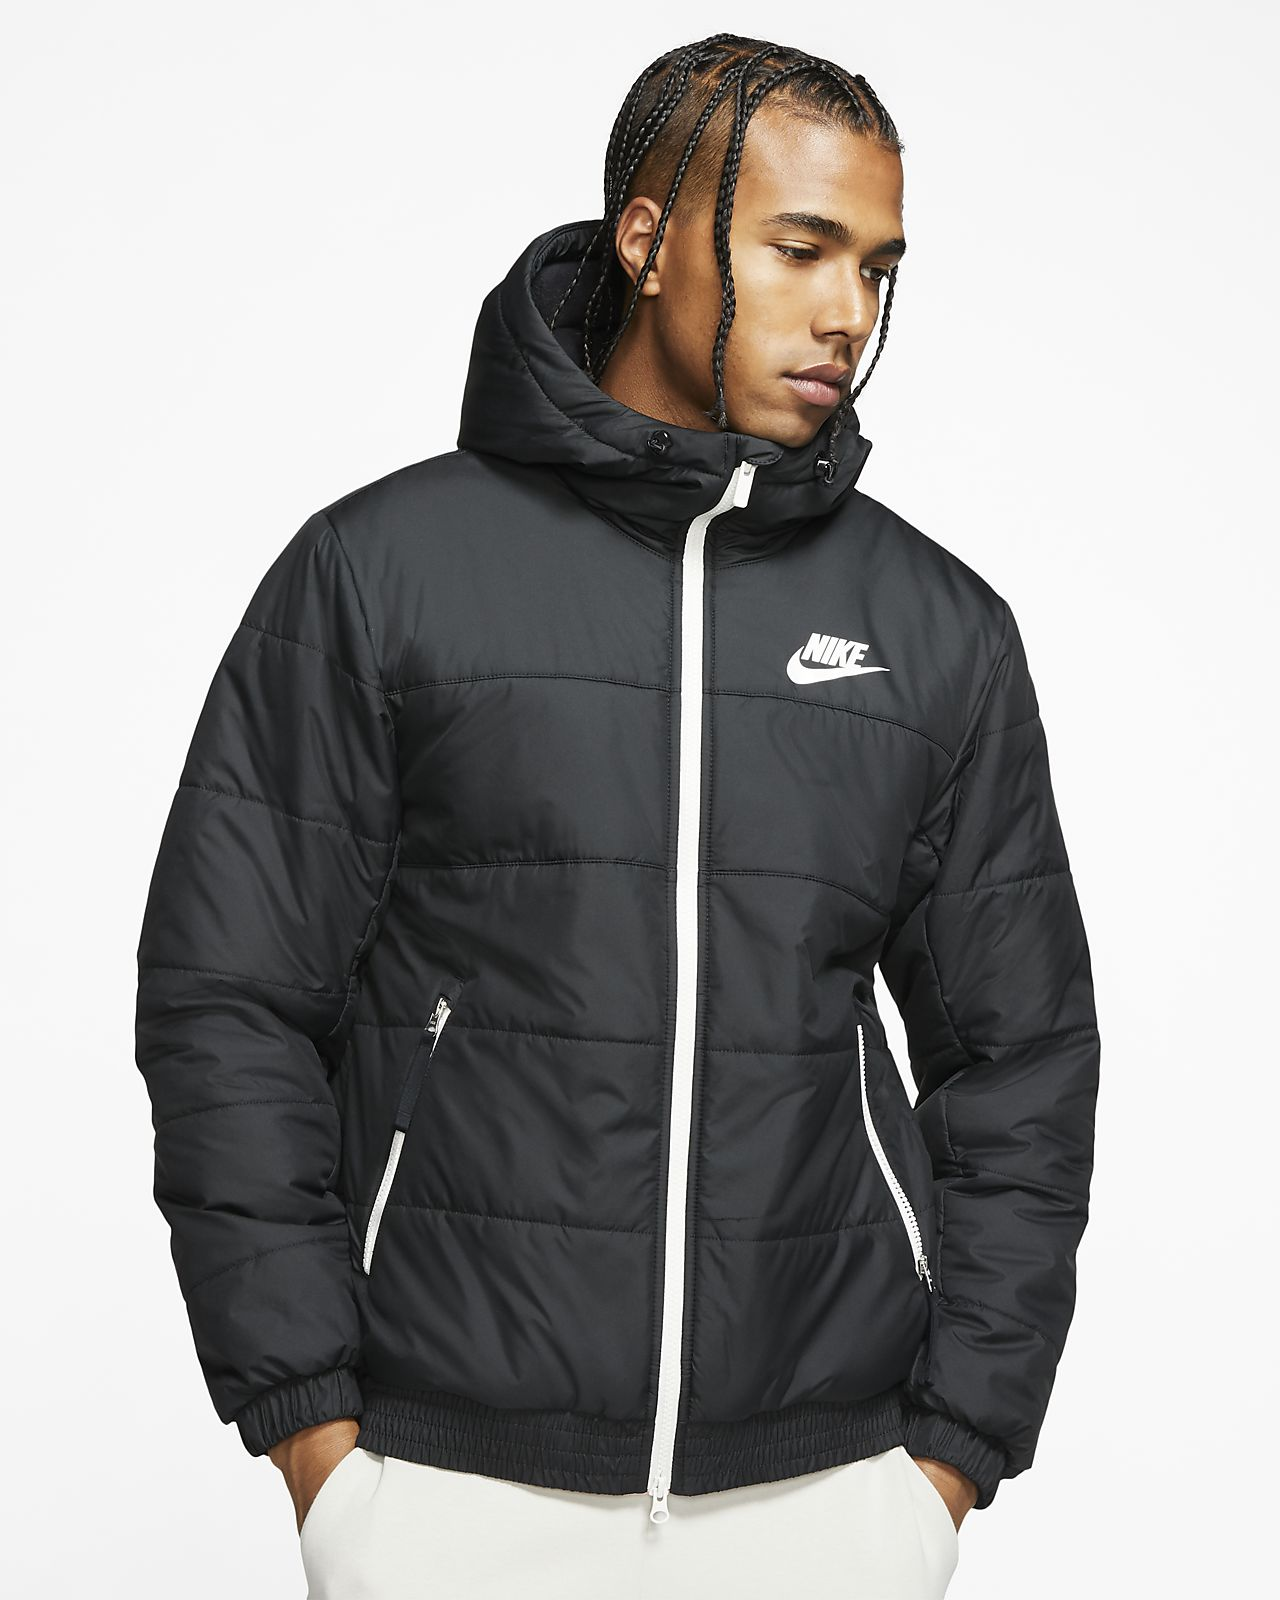 Nike Sportswear Chaqueta con cremallera completa - Hombre